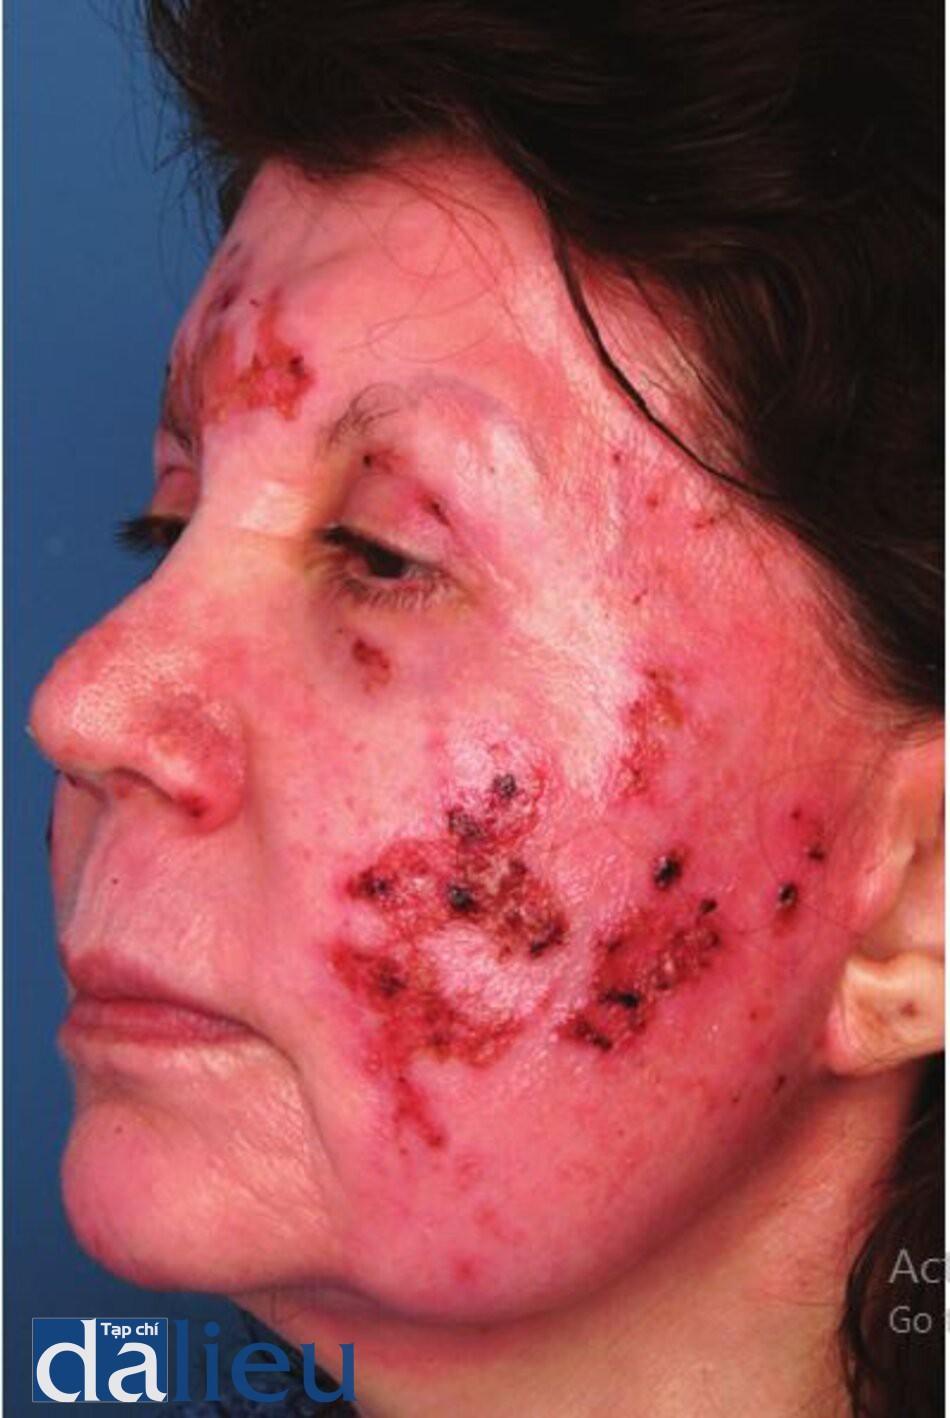 Hình 11.8 Một bệnh nhân bị đóng vảy và nứt do trầy xước 8 ngày sau khi lột da bằng axit trichloroacetic.